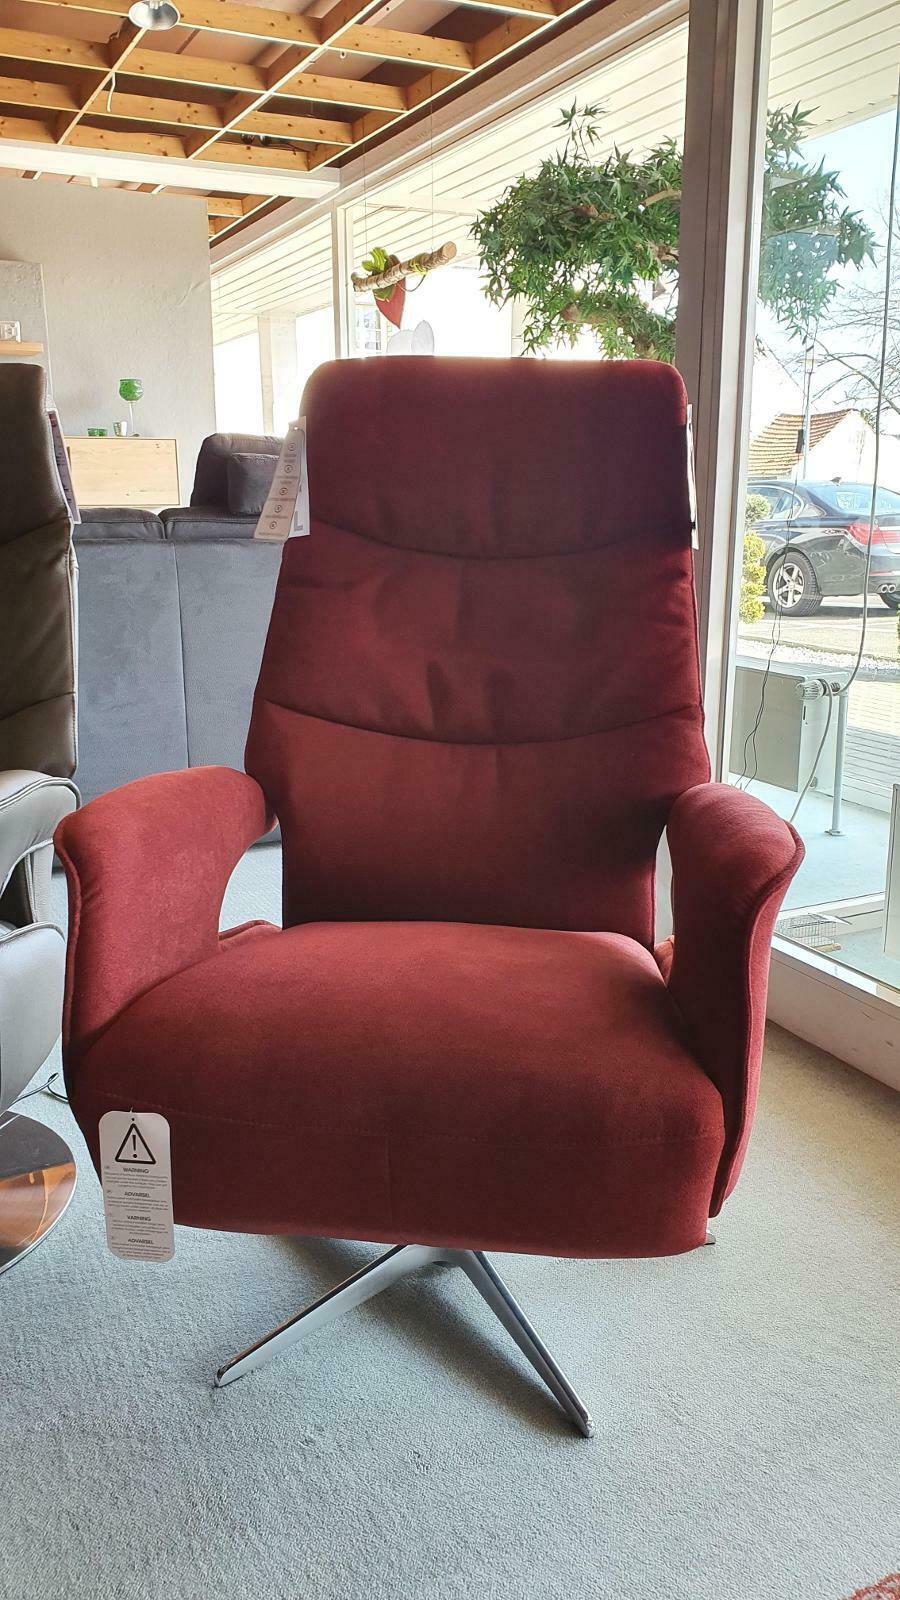 5067 - Relaxsessel mit manueller Verstellung